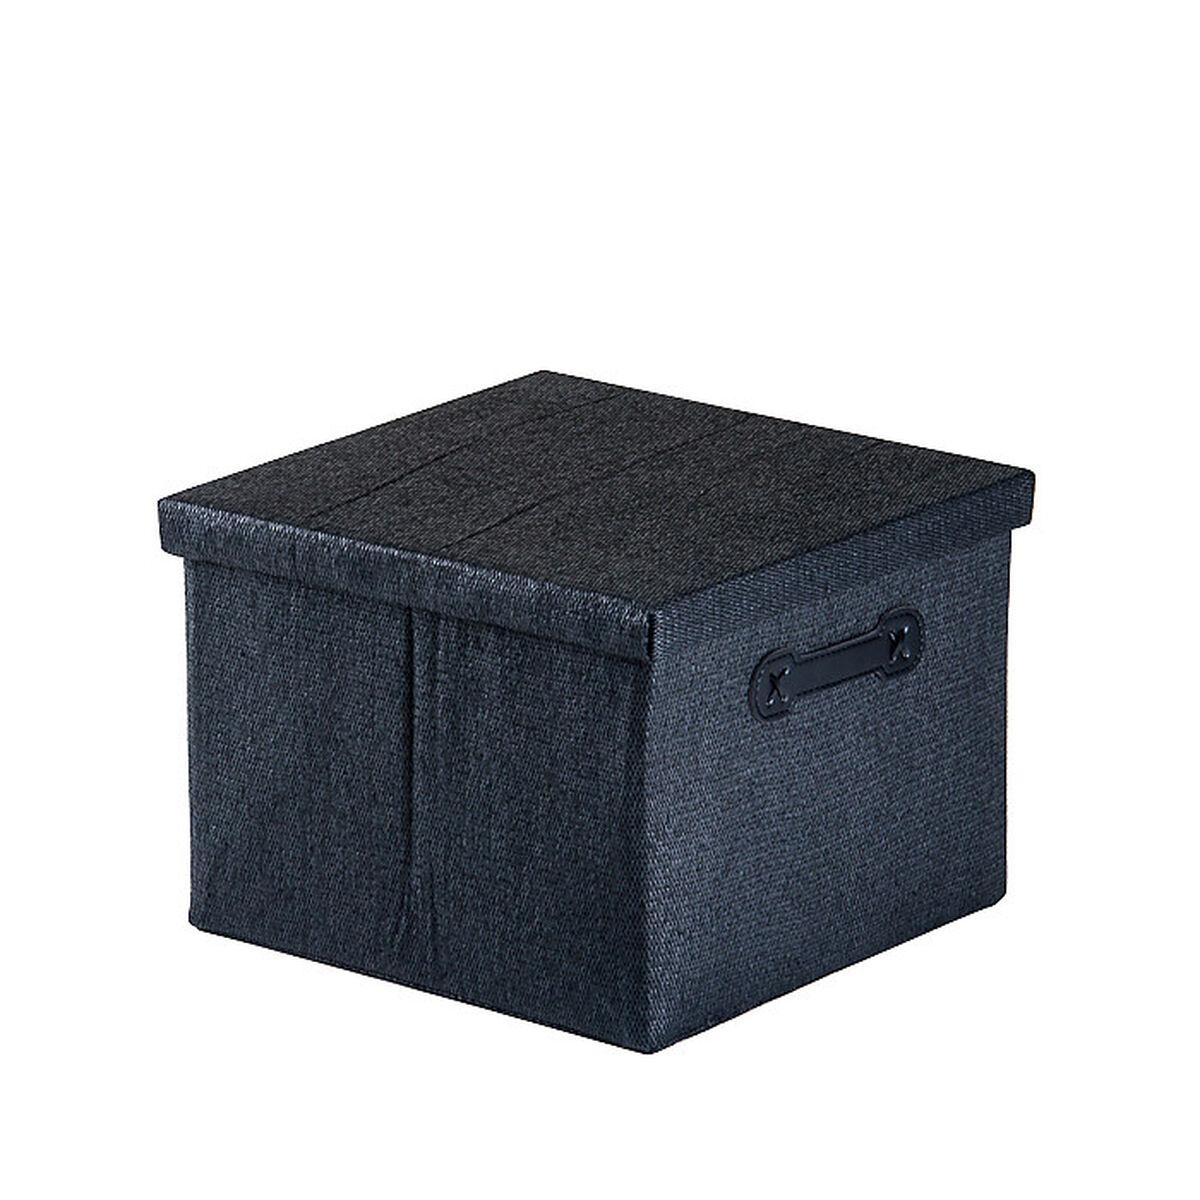 aufbewahrungsbox mit deckel kinderzimmer aufbewahrungsbox mit deckel 2er set hochwertige qualit. Black Bedroom Furniture Sets. Home Design Ideas